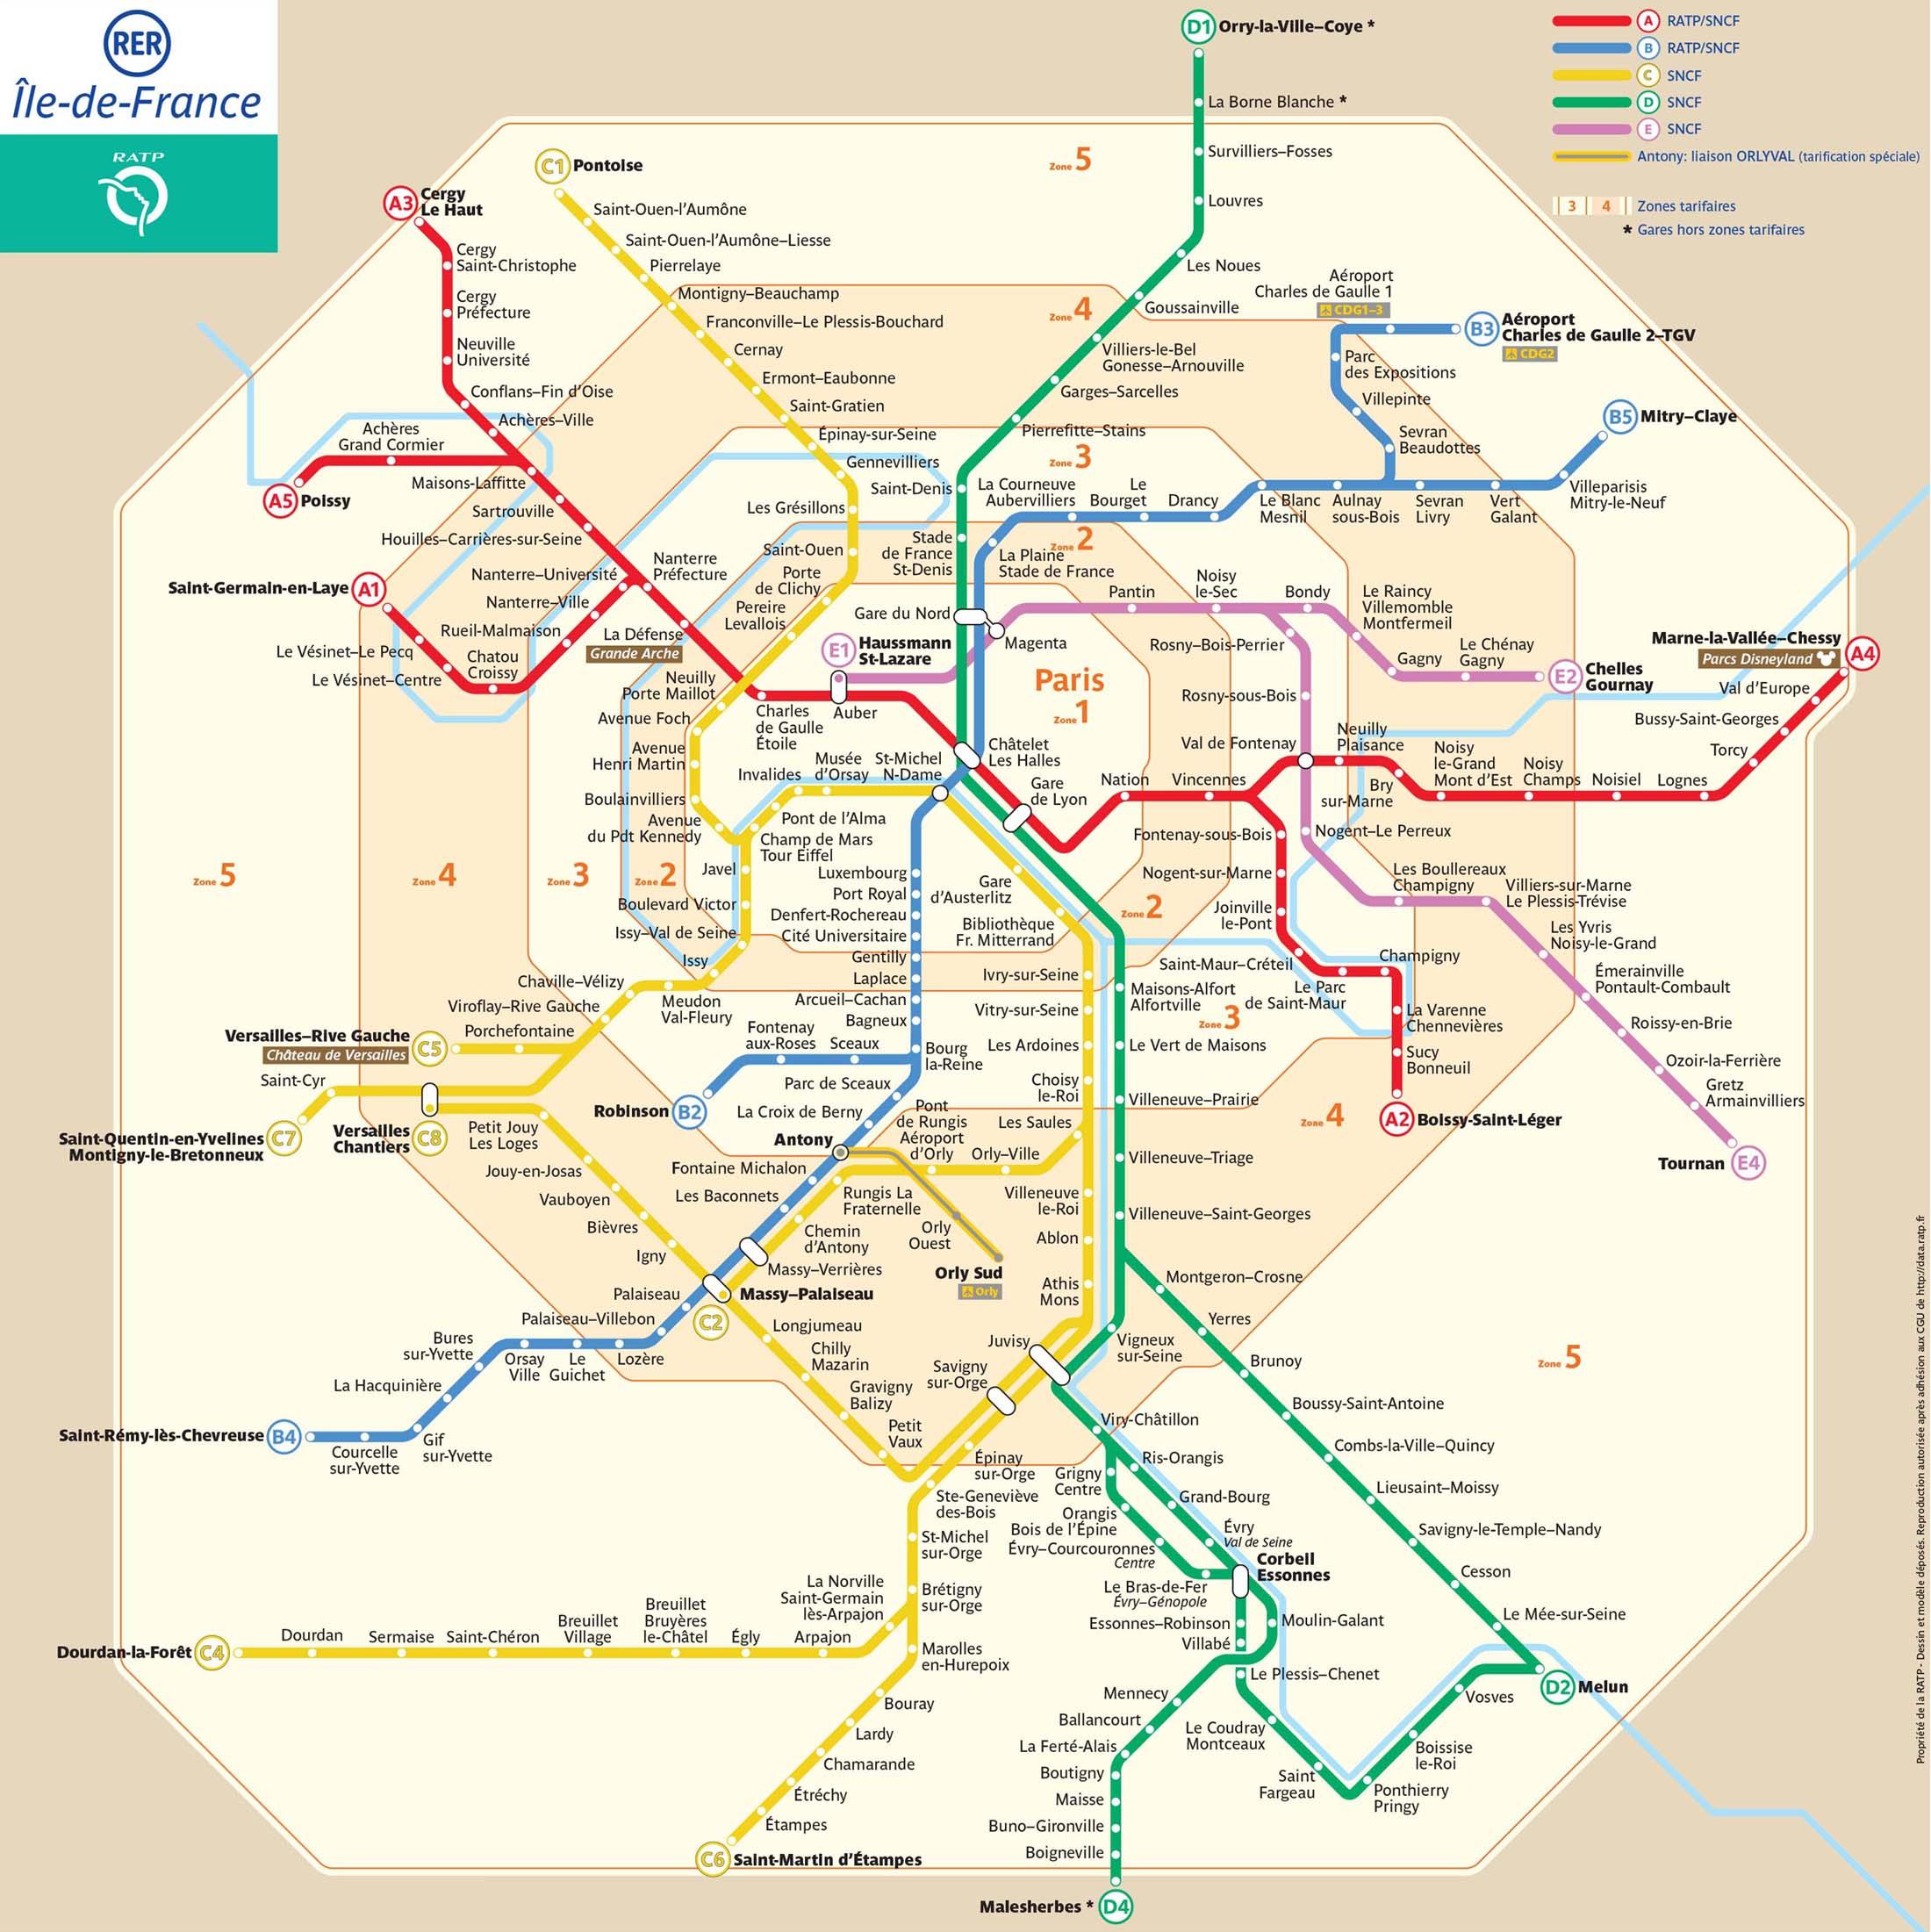 Mortelle rencontre dans le RER